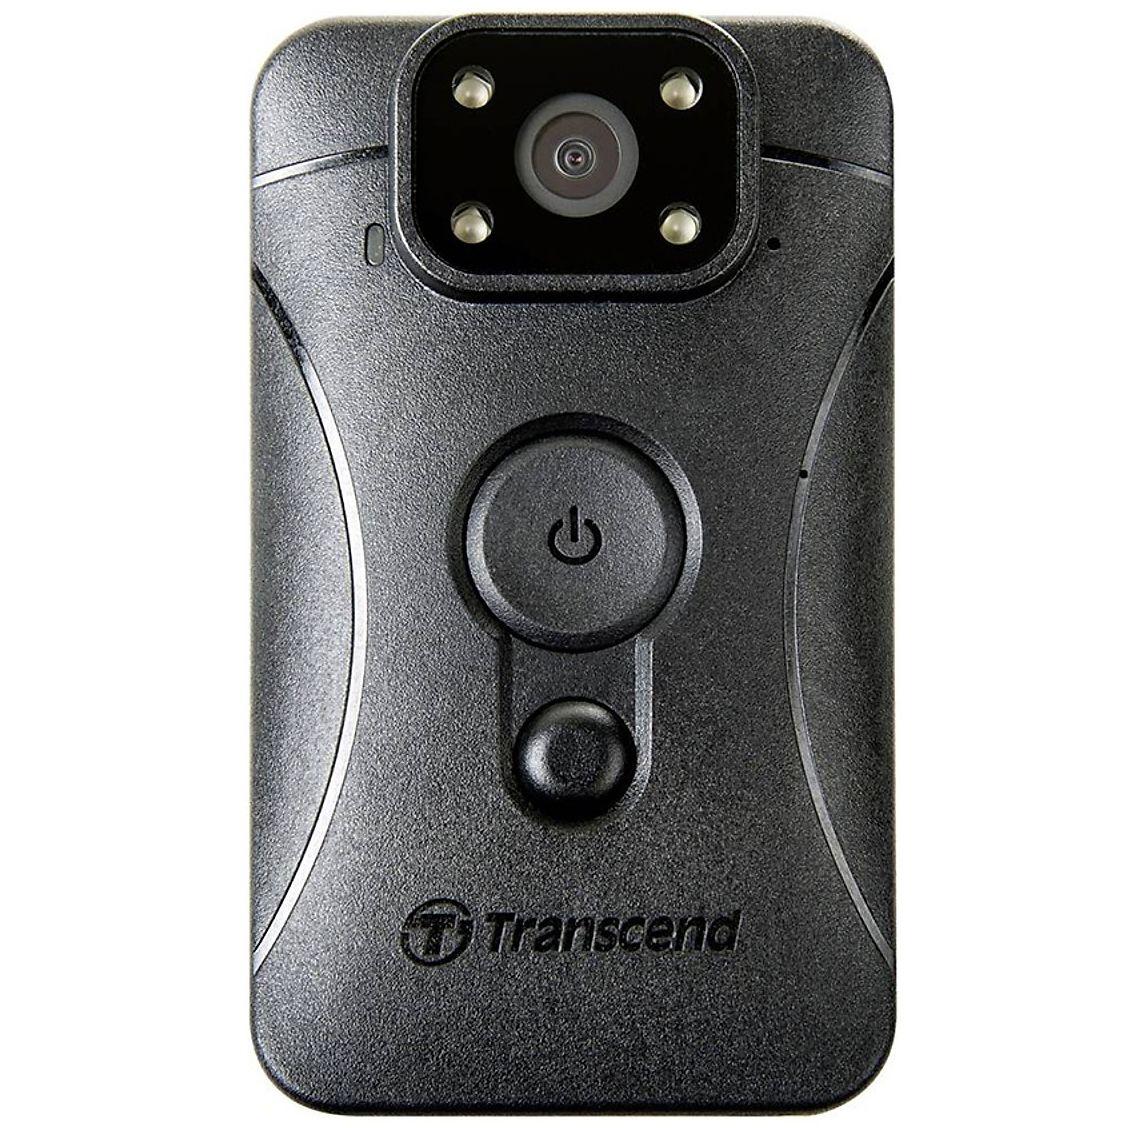 Camera Body Transcend TS32GDPB10A vỏ ngoài chống nước, chịu ngoại lực tốt